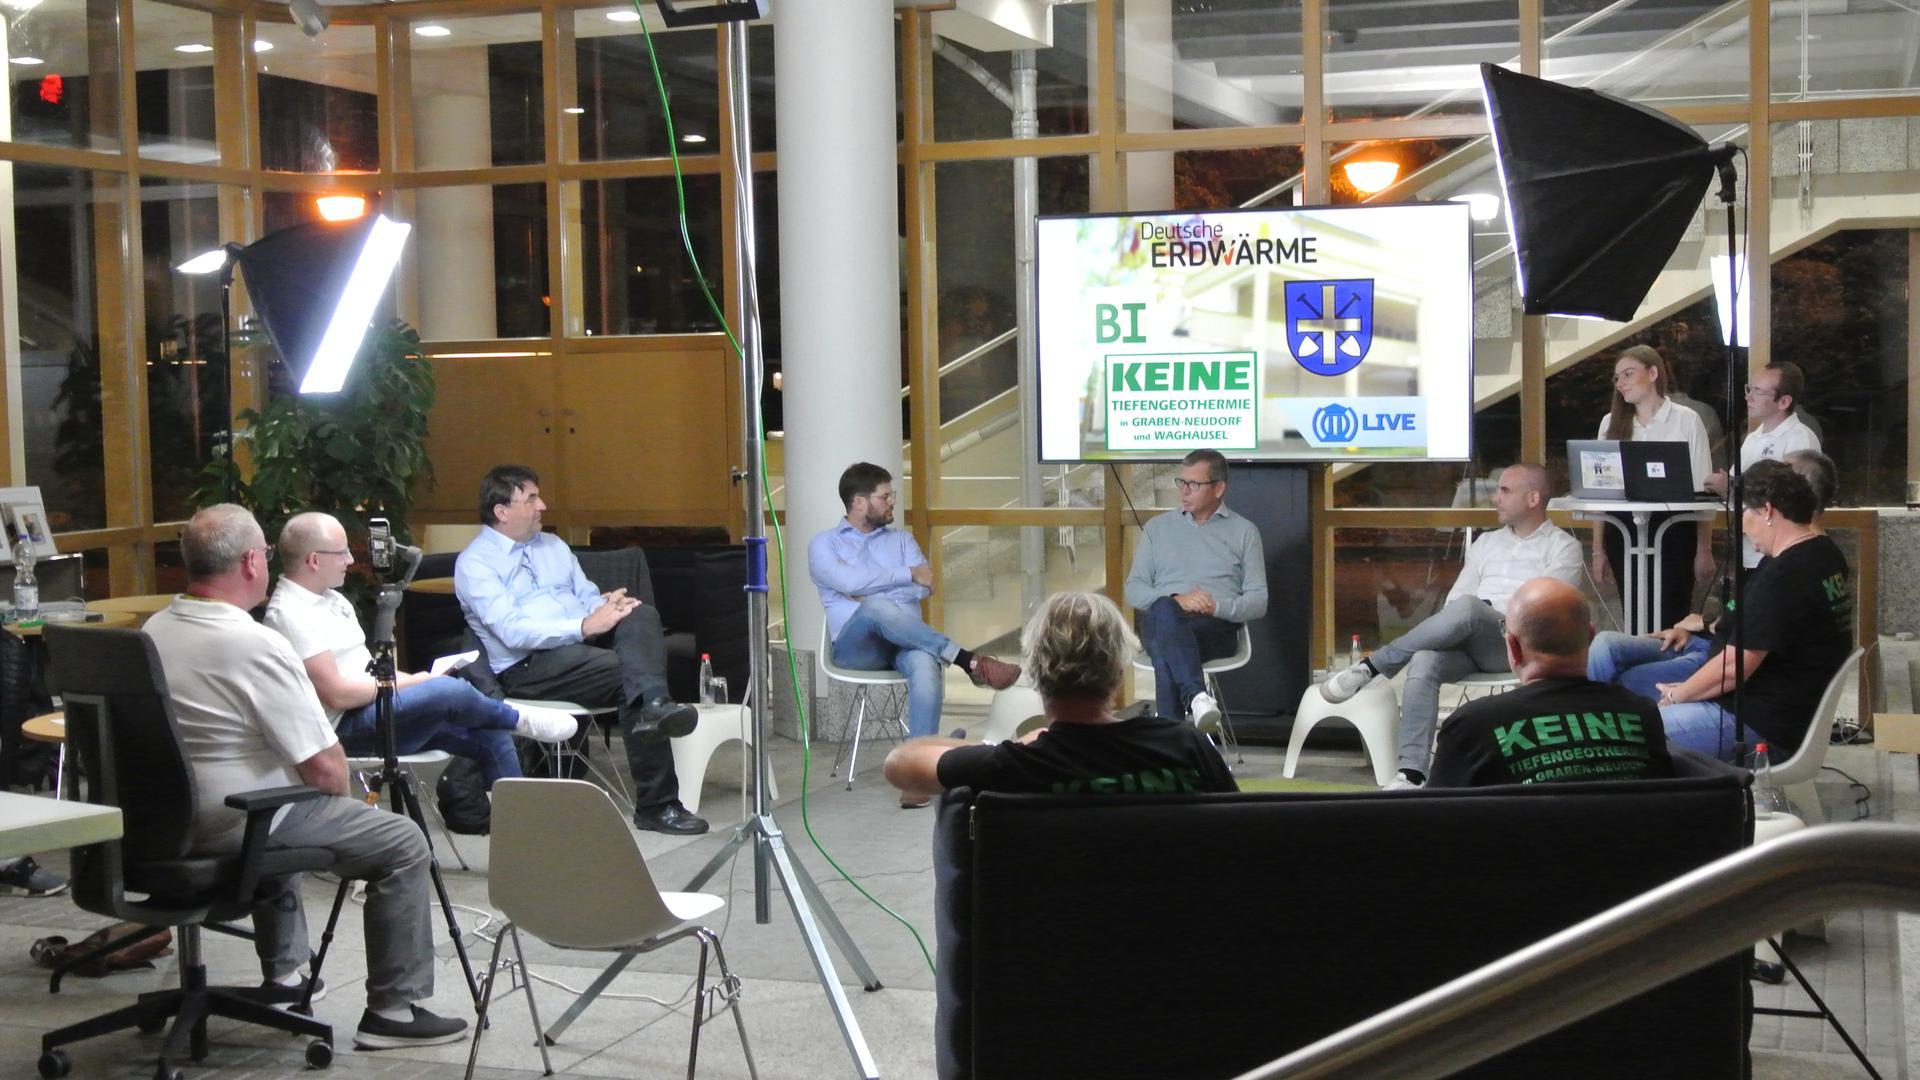 Diskussionsrunde von 9 Personen zu Erdwärme in Graben-Neudorf. Hinter der Runde Licht- und Tontechnik